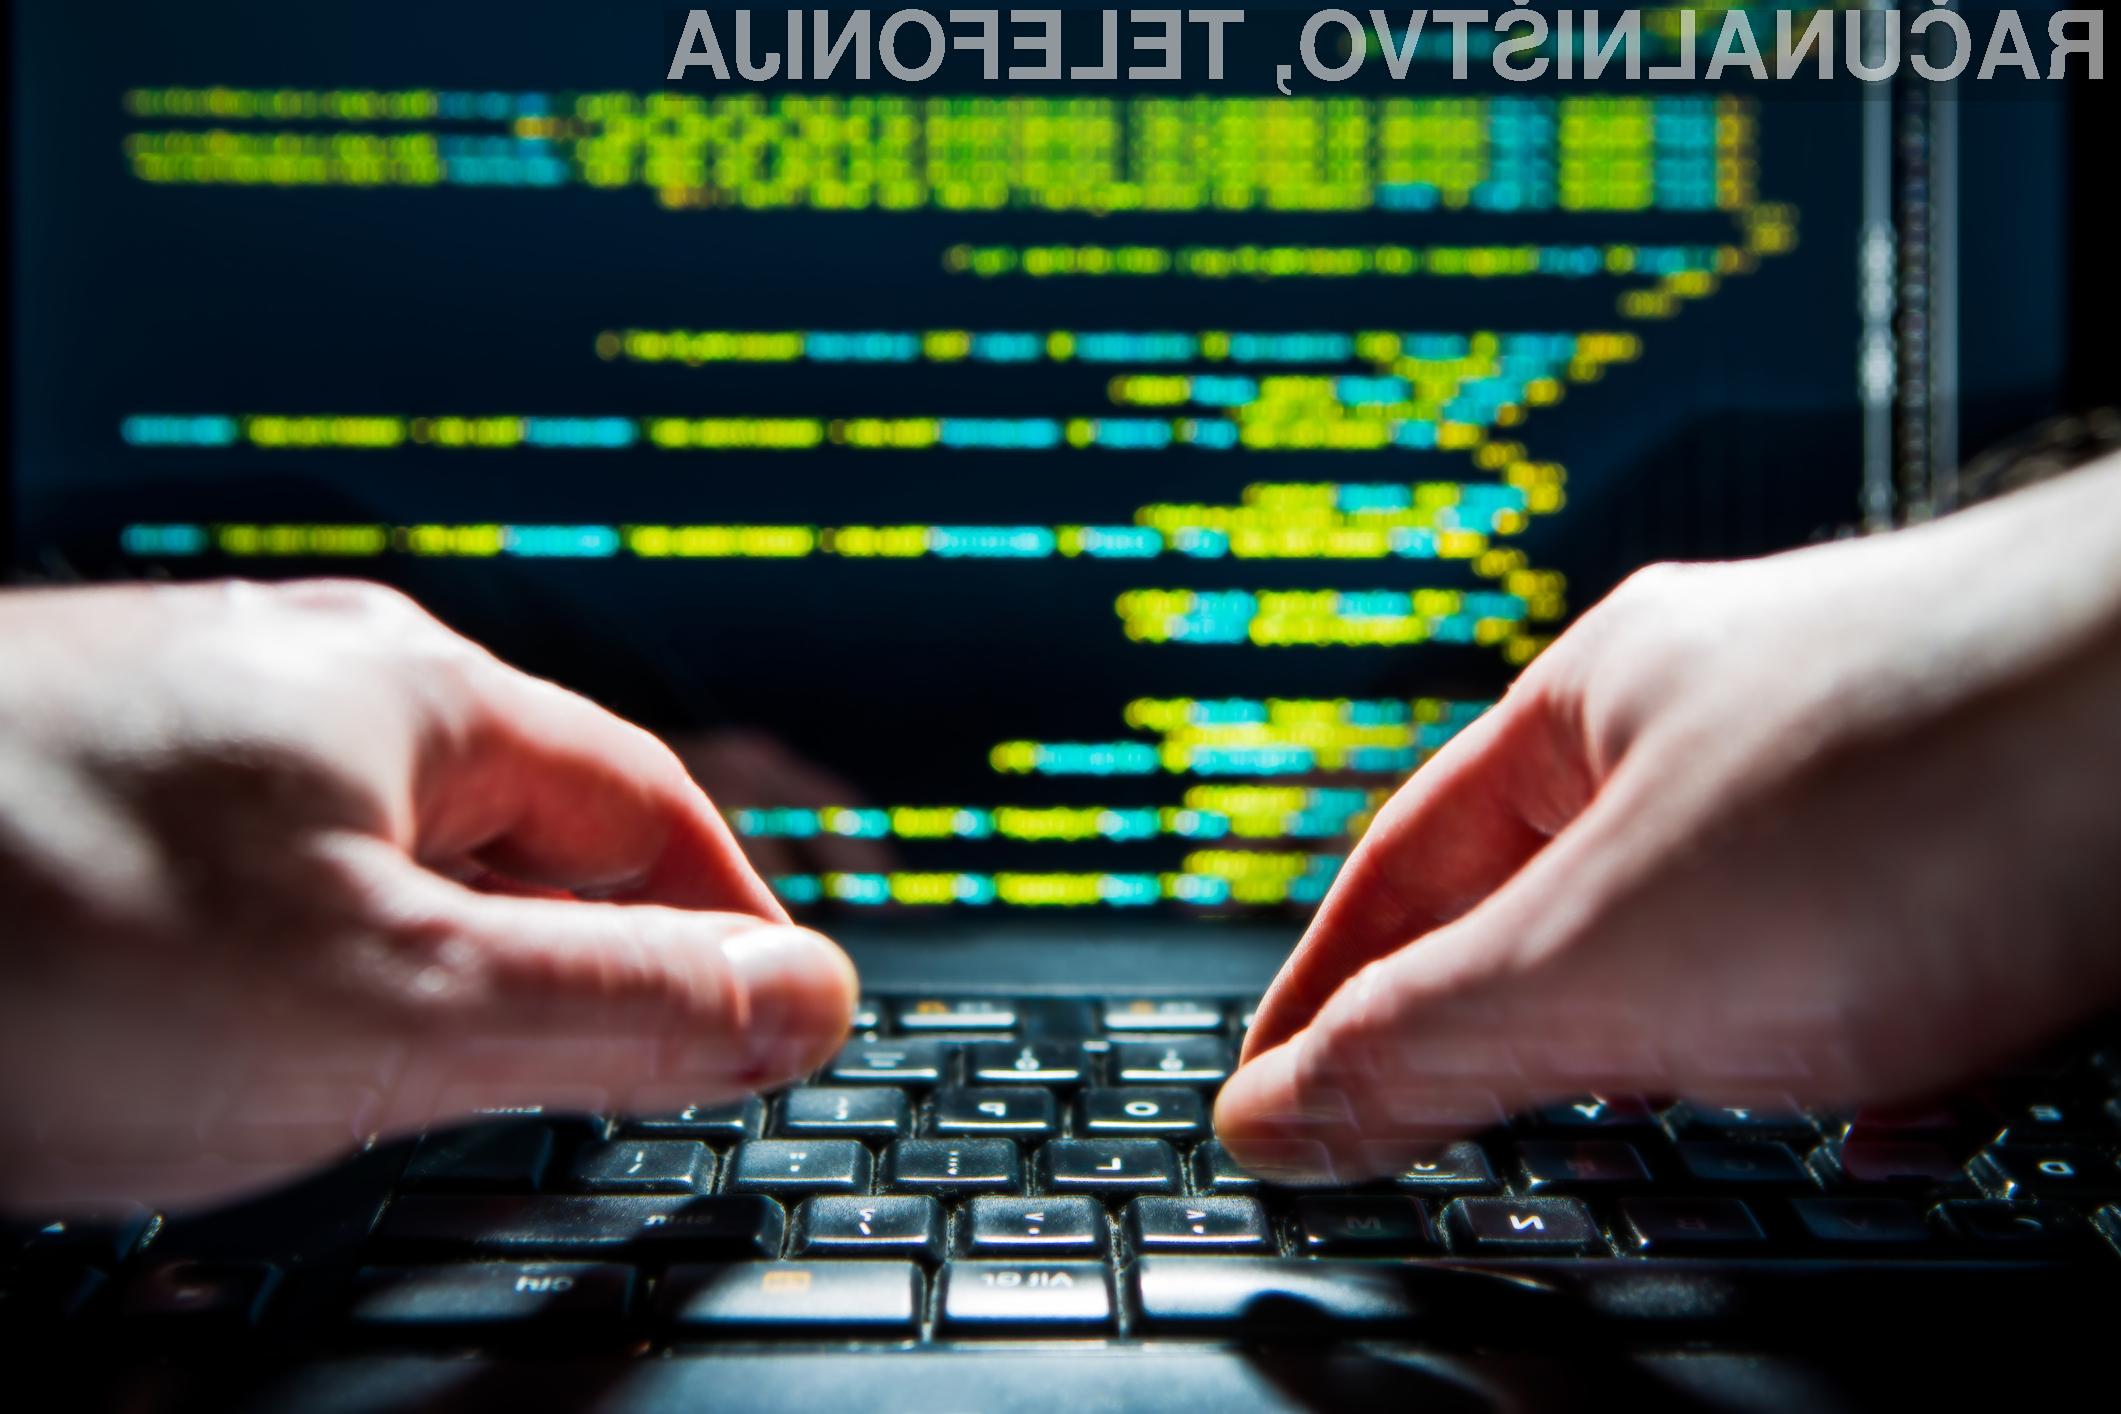 Poseben tabor je namenjen rehabilitaciji mladih hekerjev in kibernetskih kriminalcev.